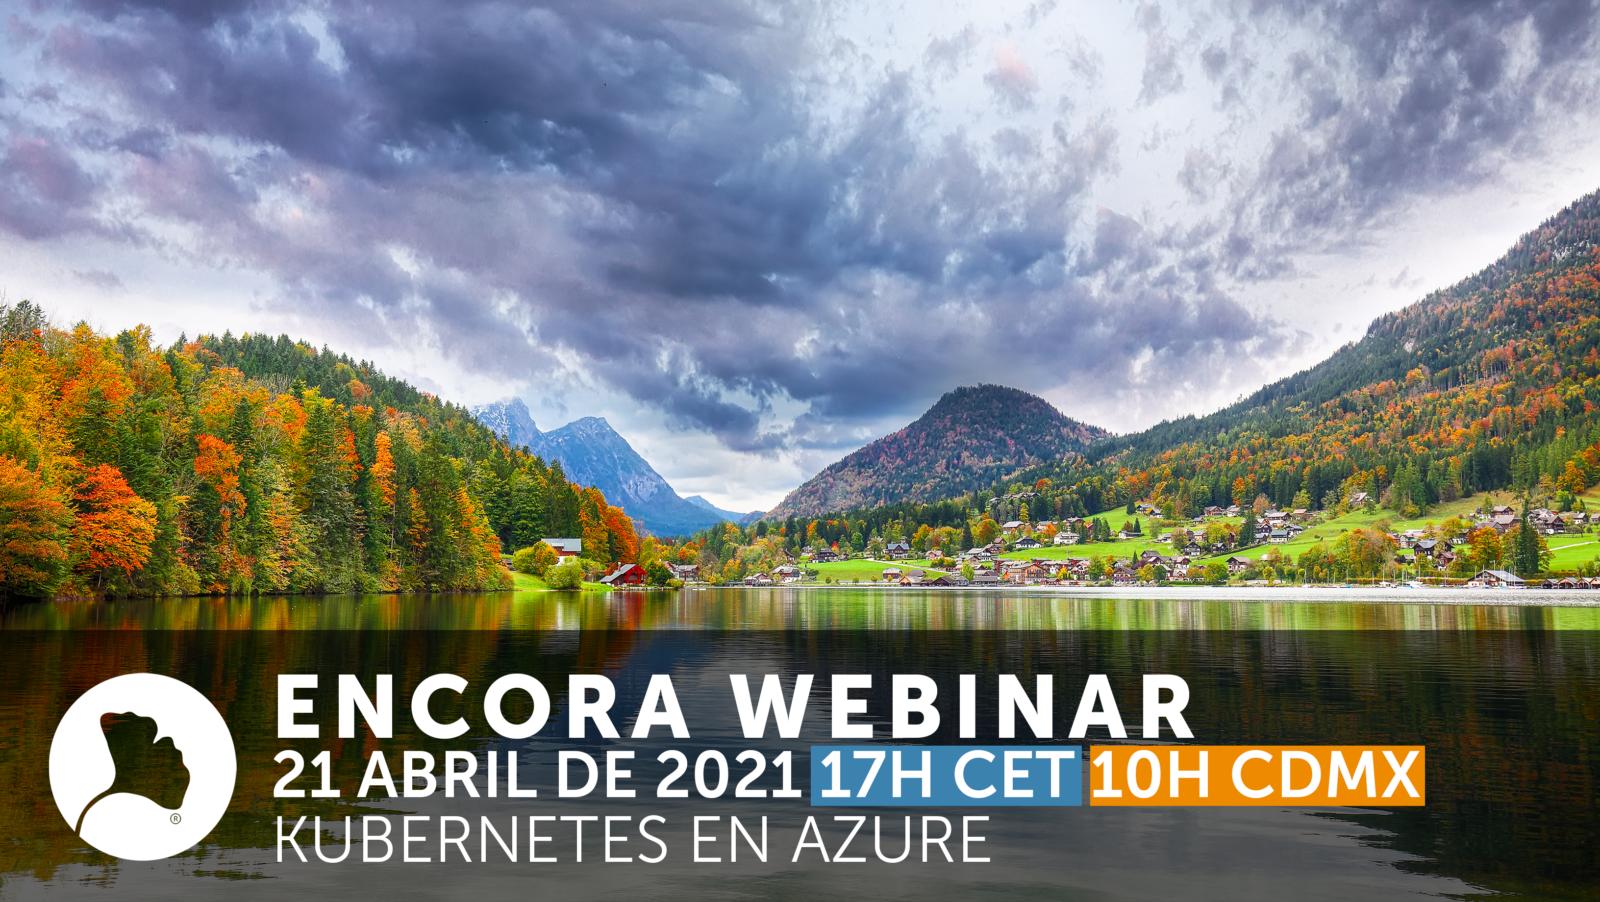 Encora Webinar Kubernetes en Azure